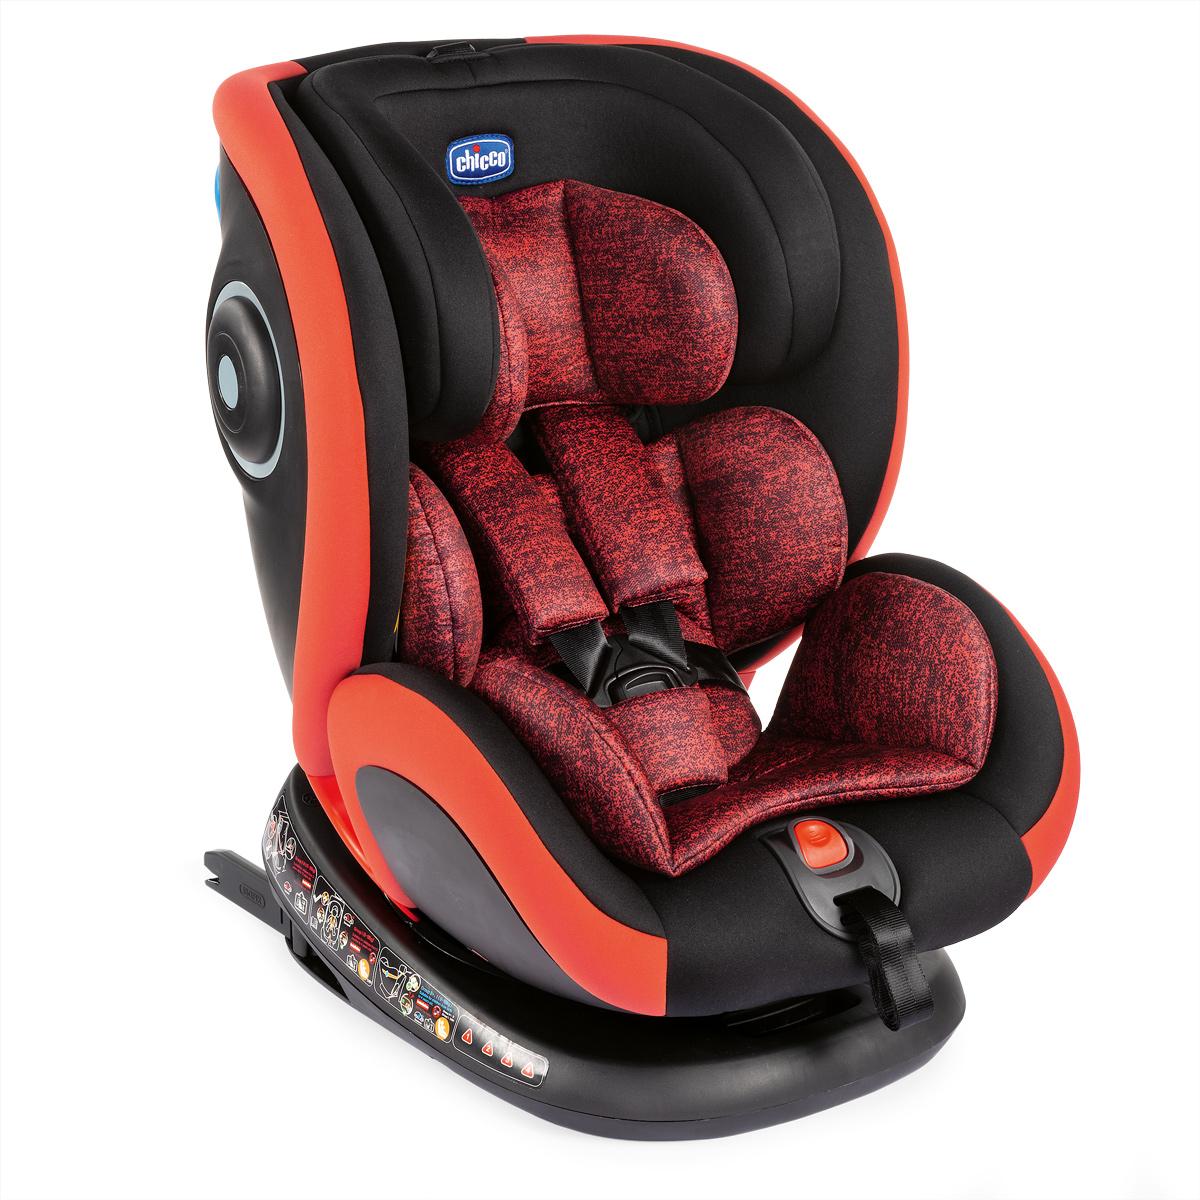 Scaun auto cu isofix, rotativ, Chicco Seat4fix, grupa 0+/1/2/3, 0-36 kg, Negru-Rosu imagine